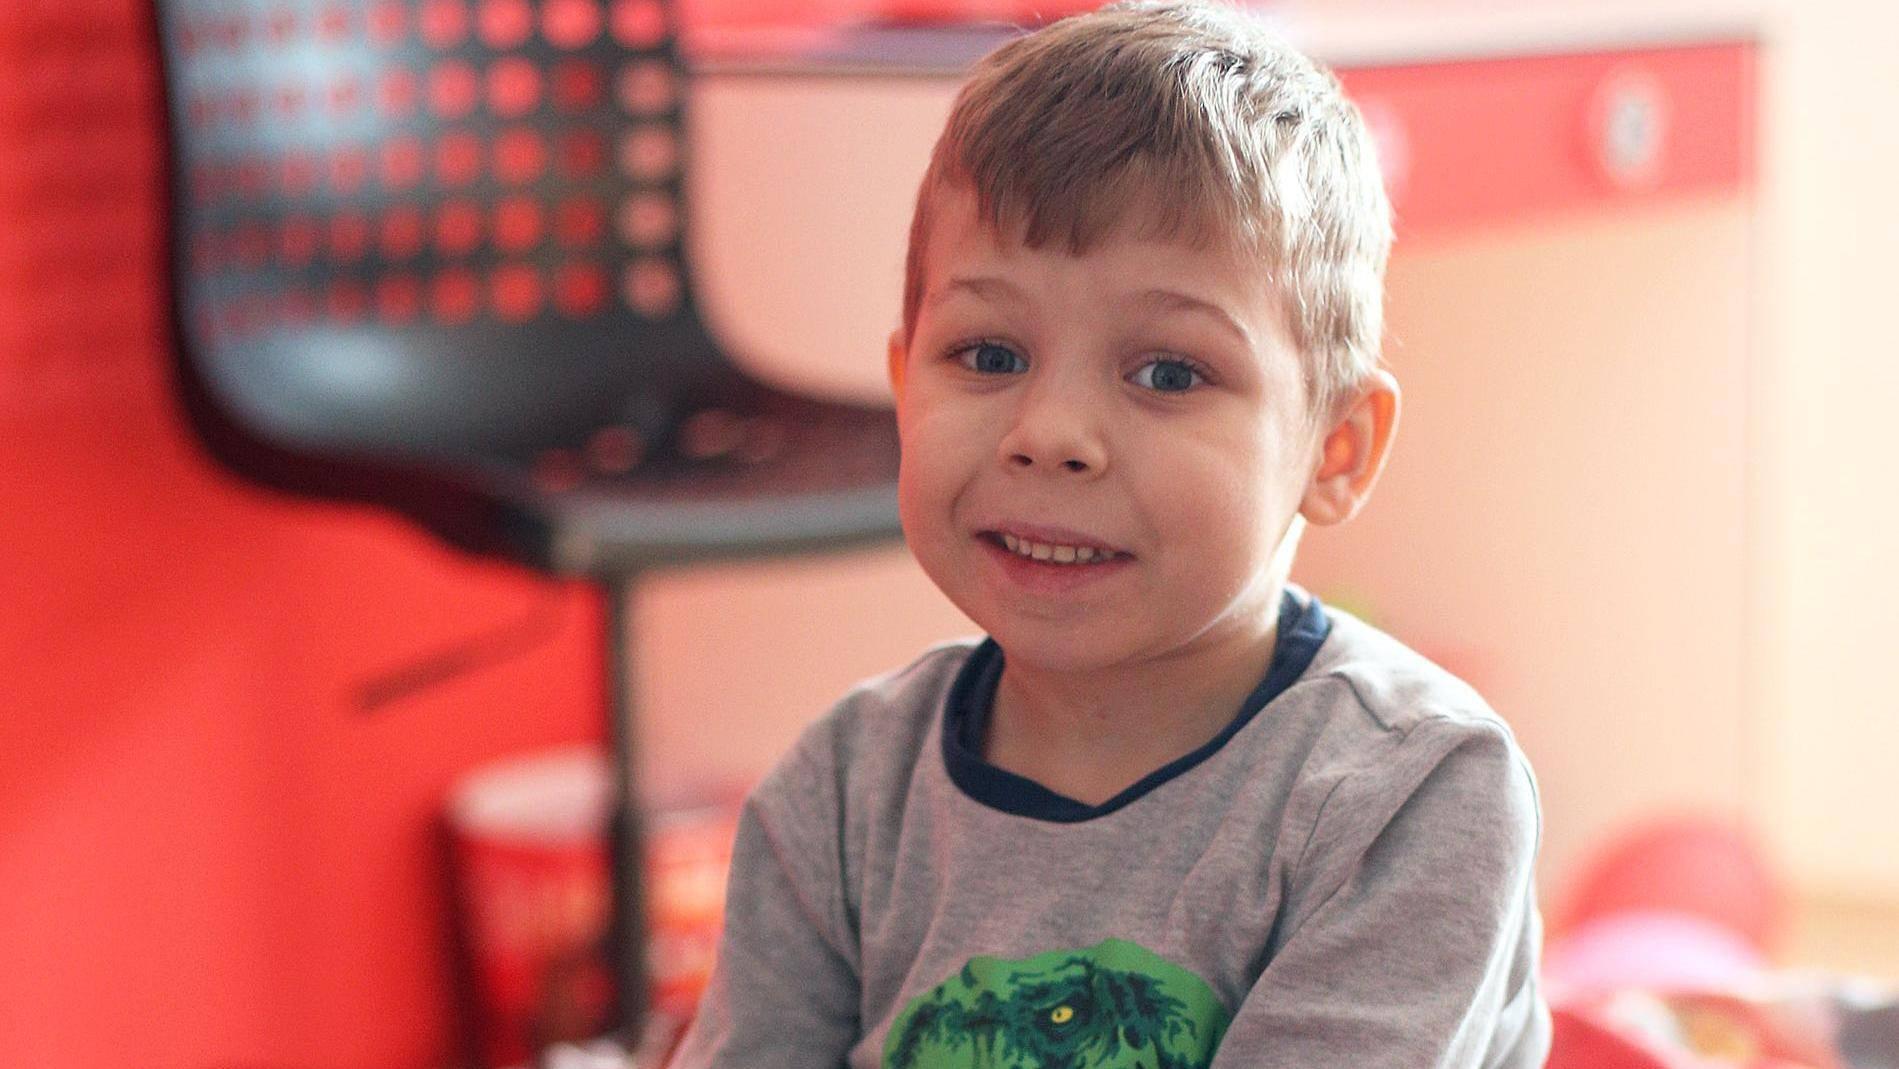 Karlo (5) ima rijetku bolest, a birokrati mu uzeli invalidninu!